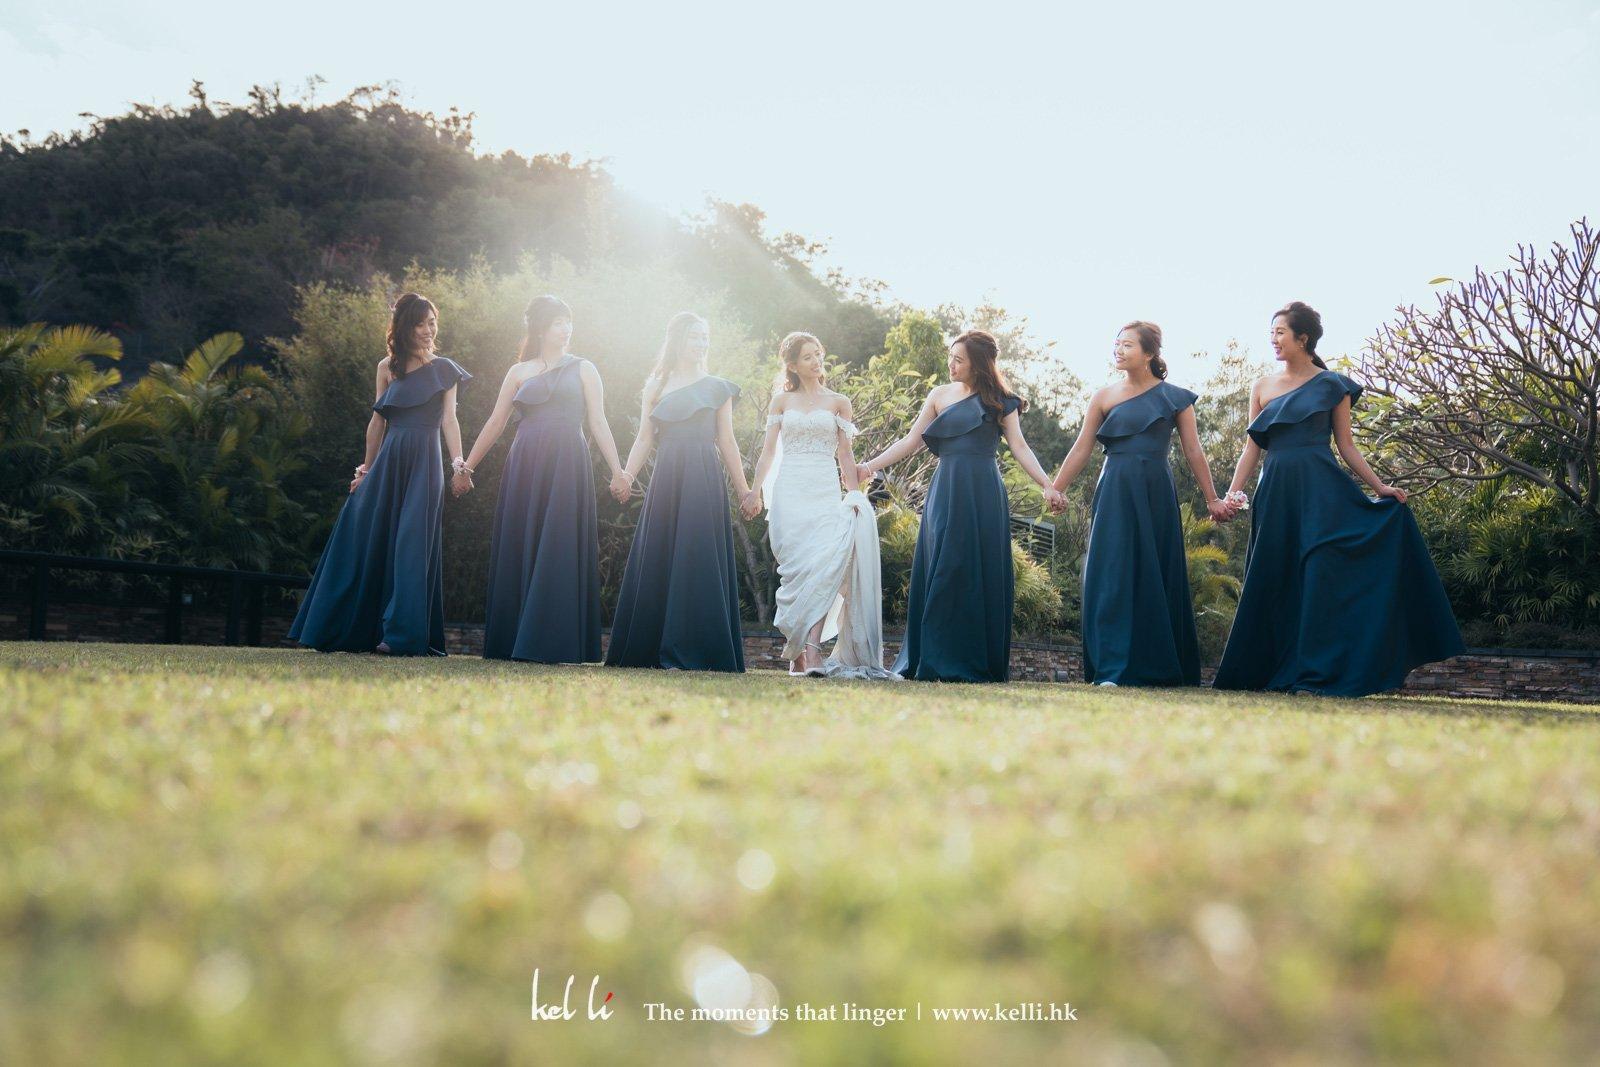 姊妹們一身藍調色彩的裙子也很值得注意,獨特又不失優雅感,增添活潑。